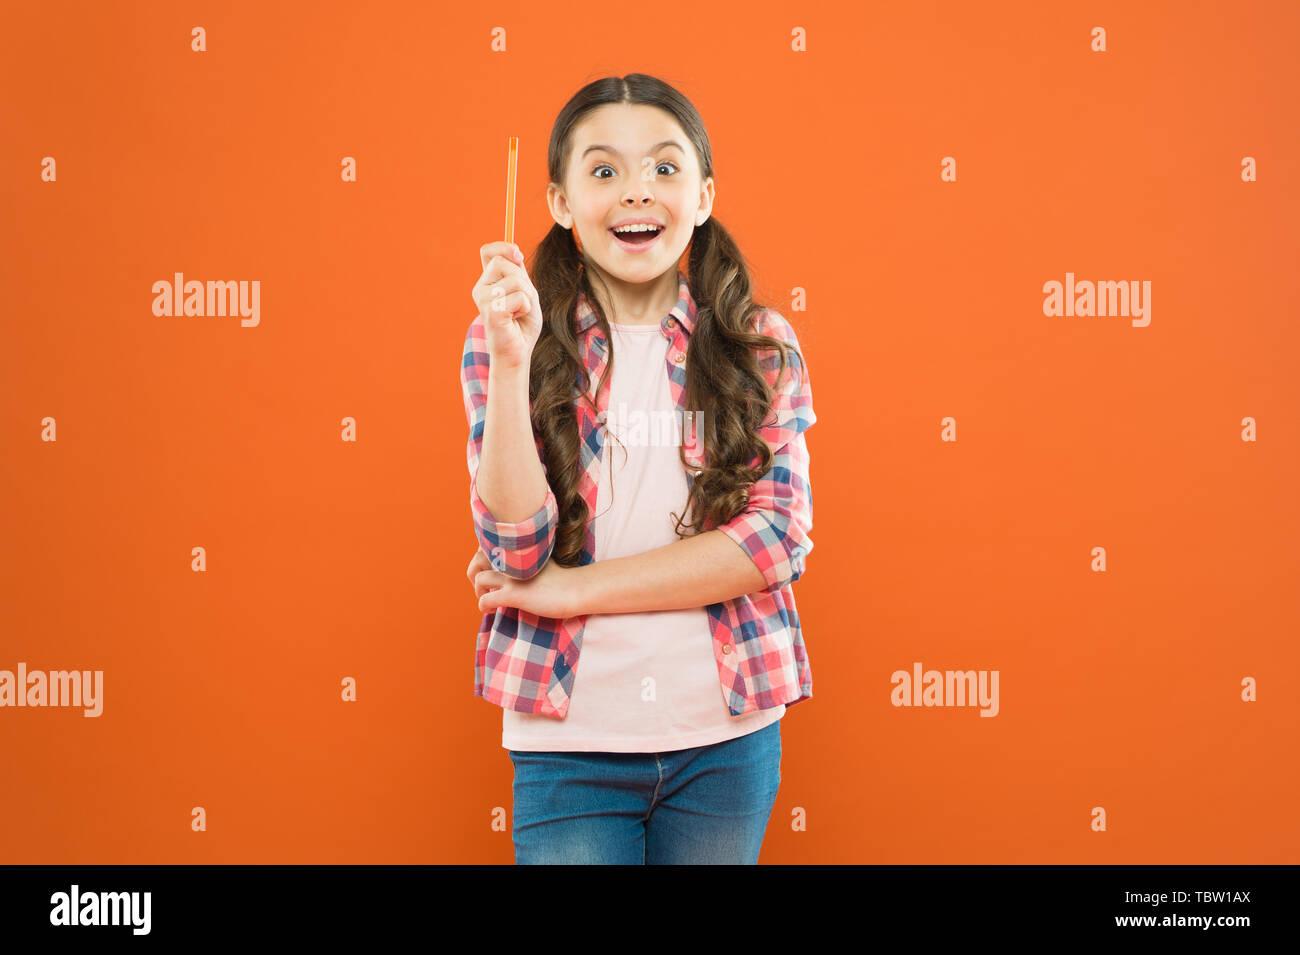 I am the genius. Girl genius. Genius little schoolgirl got a bright idea on orange background. Small child pointing pen up having genius idea. - Stock Image